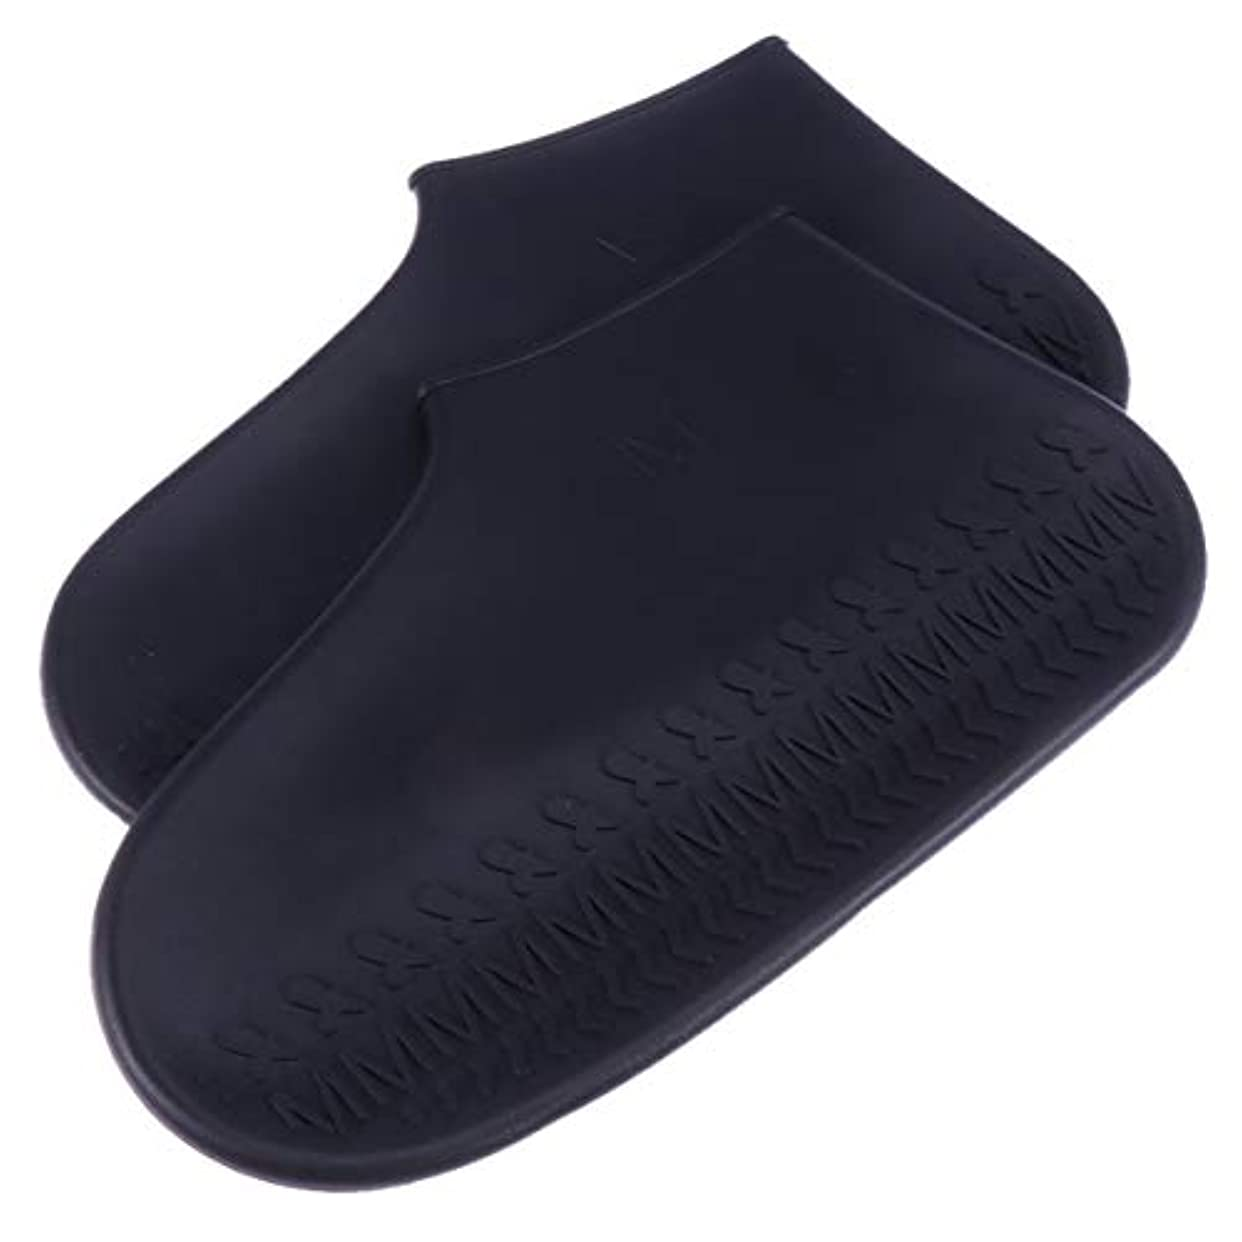 遺棄された相対的雑多なHealifty 滑り止め靴カバーブーツカバーサイズl(黒)